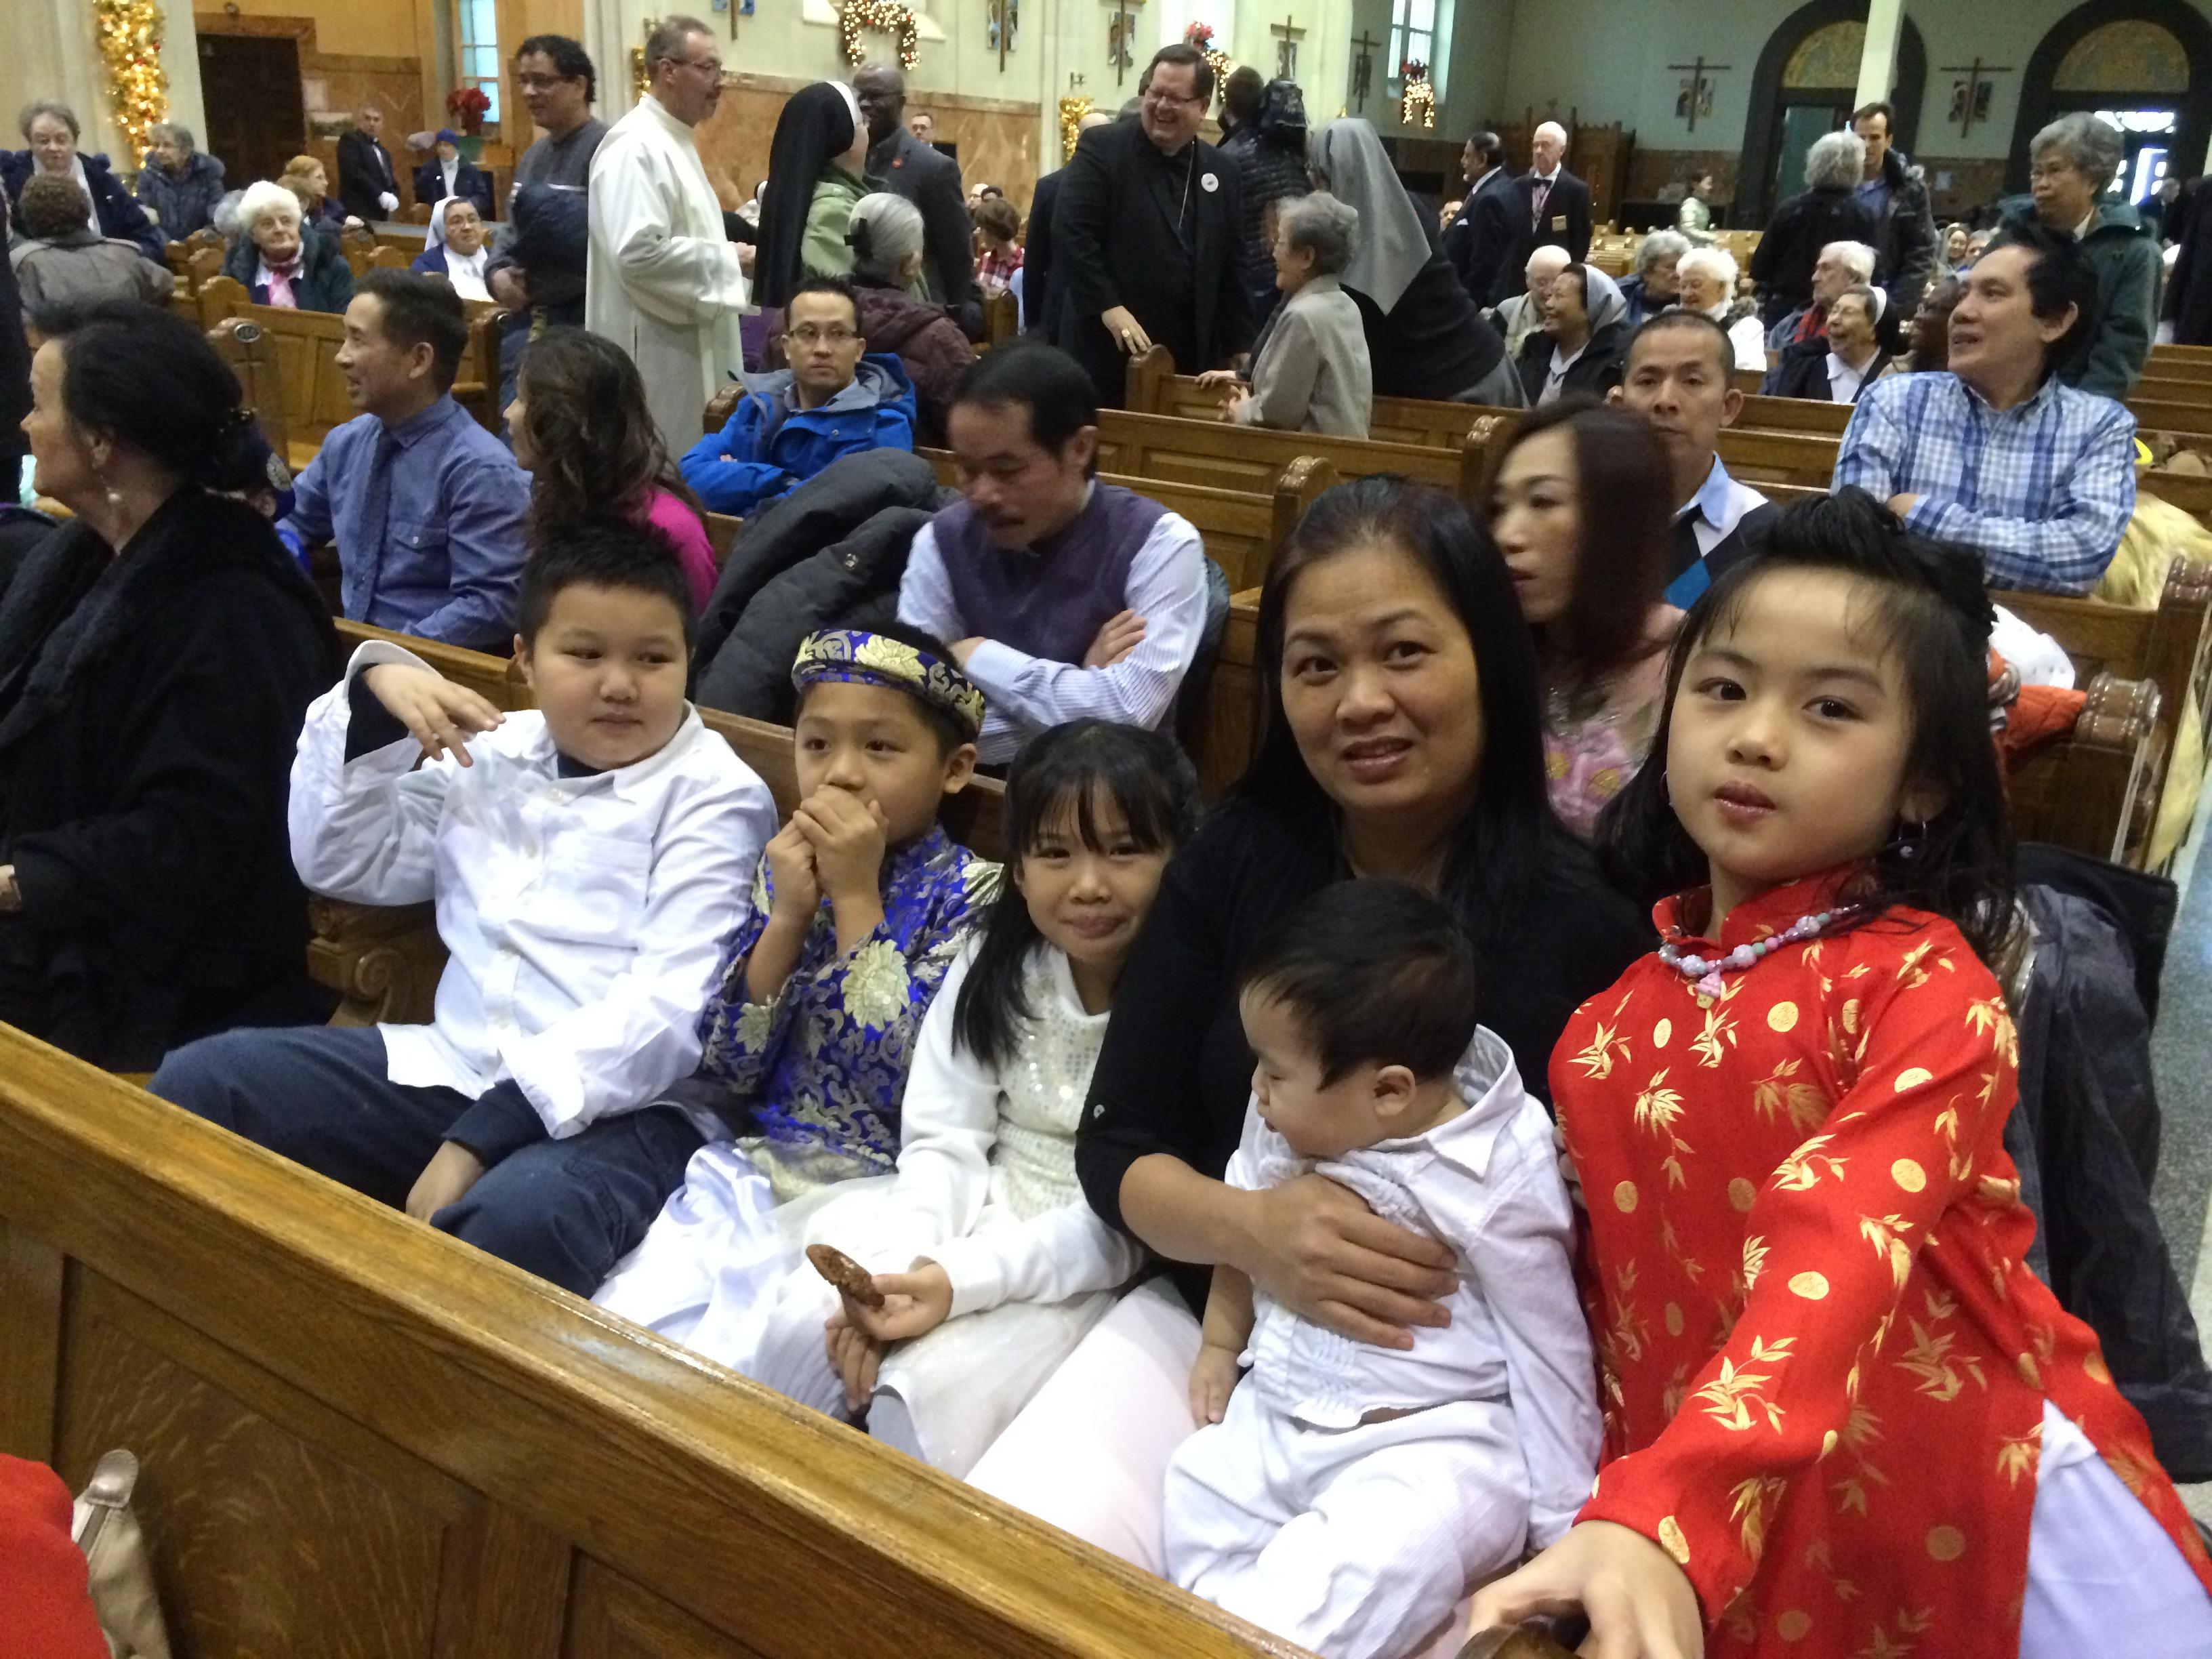 Une partie de la foule où il avait de nombreux enfants qui se prépare à la messe de la Fête interculturelle de Québec le 10 janvier 2016 (Crédits photo : H. Giguère)